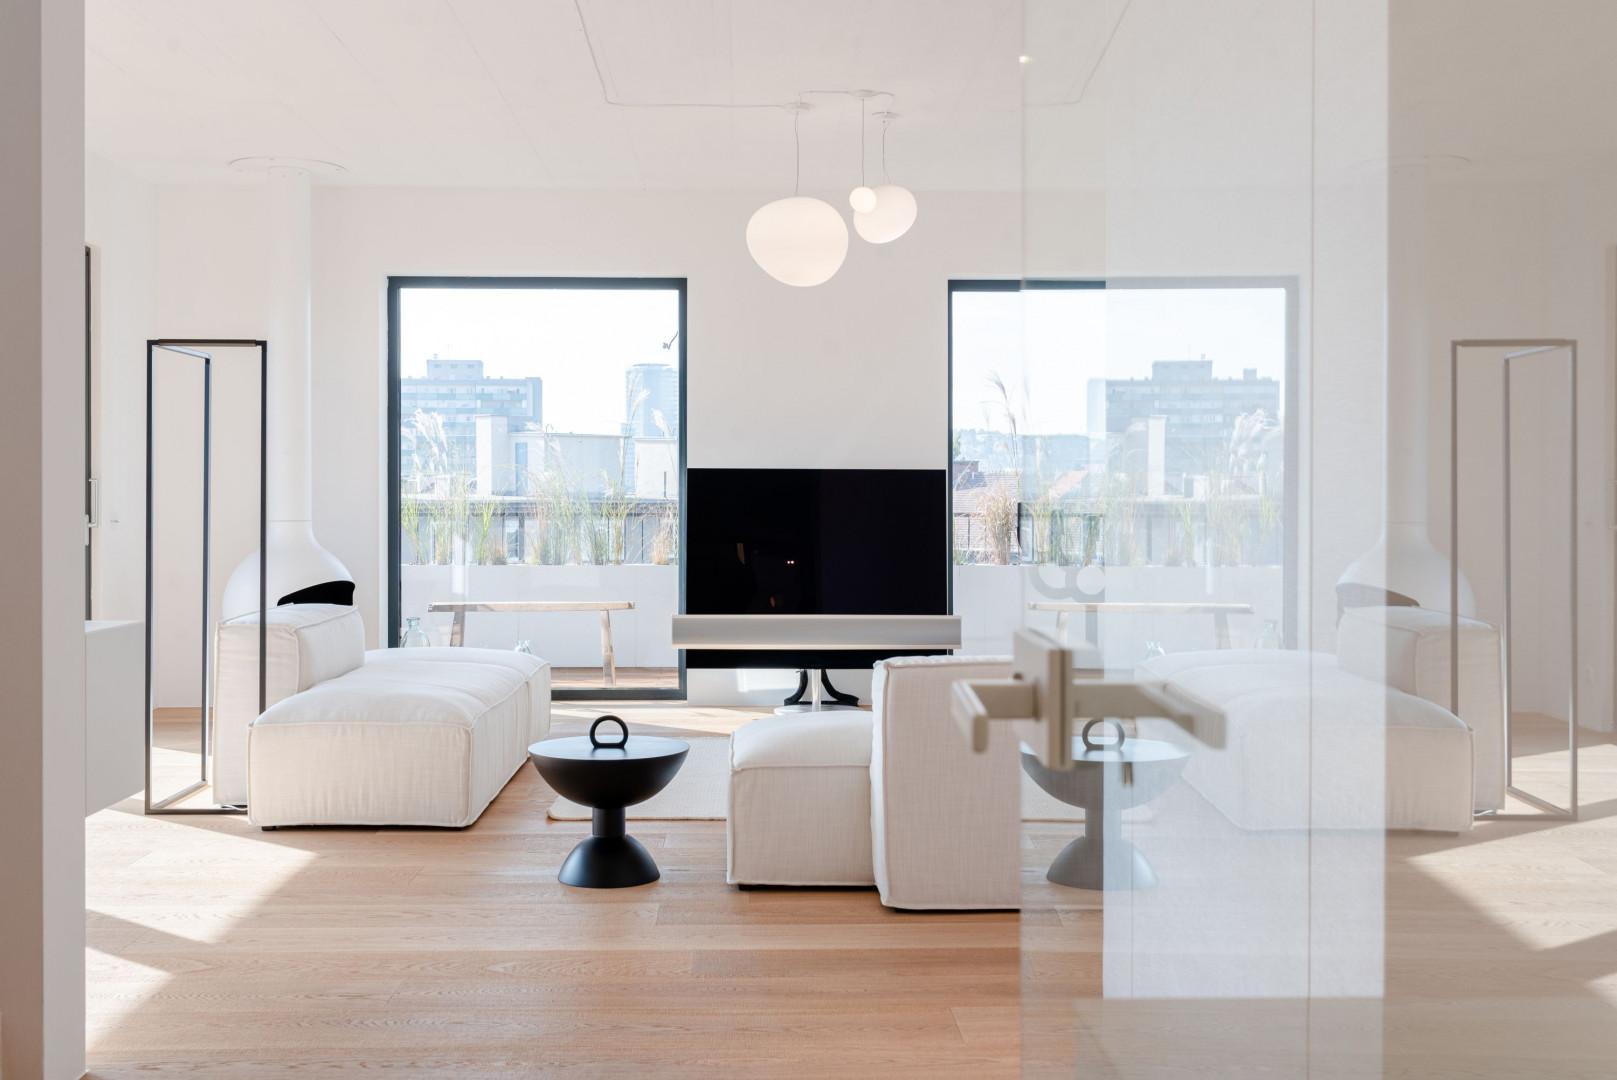 Realizacja w Bratysławie z wykorzystanie sof Cushion marki Nobonobo, projekt wnętrza Martin Fleischmann.